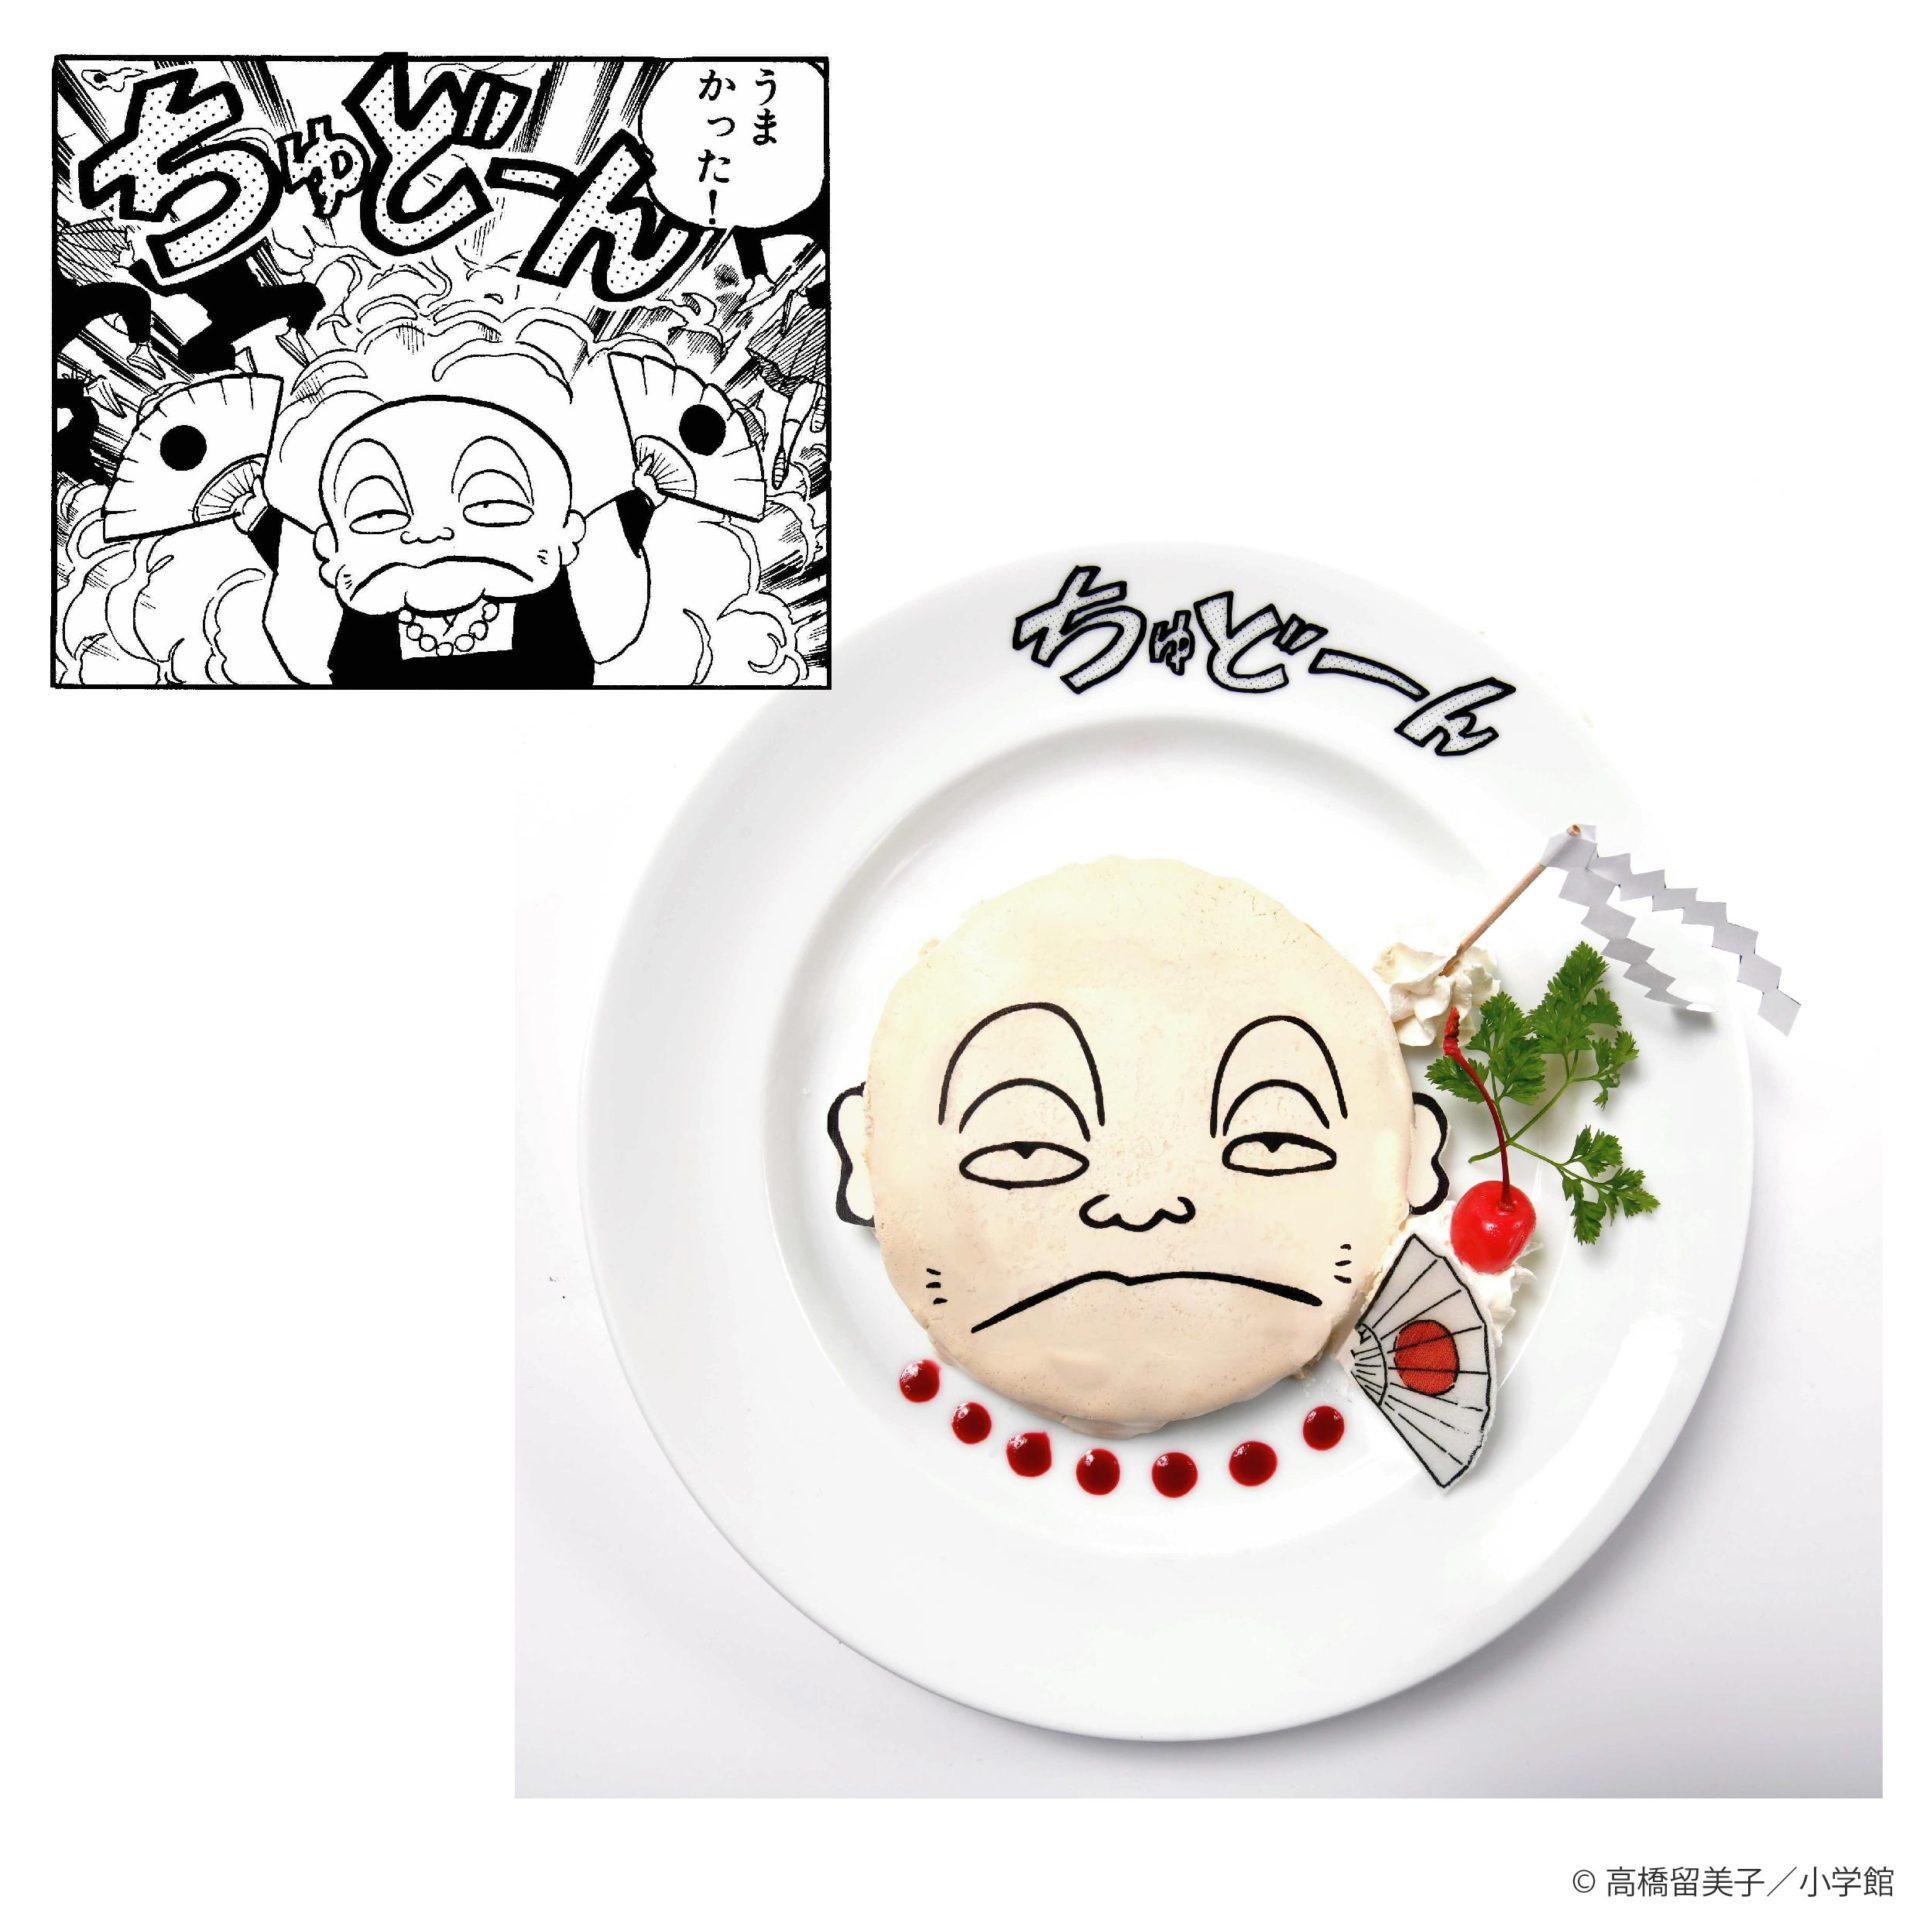 8.  ちゅどーん!錯乱坊(チェリー)パンケーキ ¥ 1,290